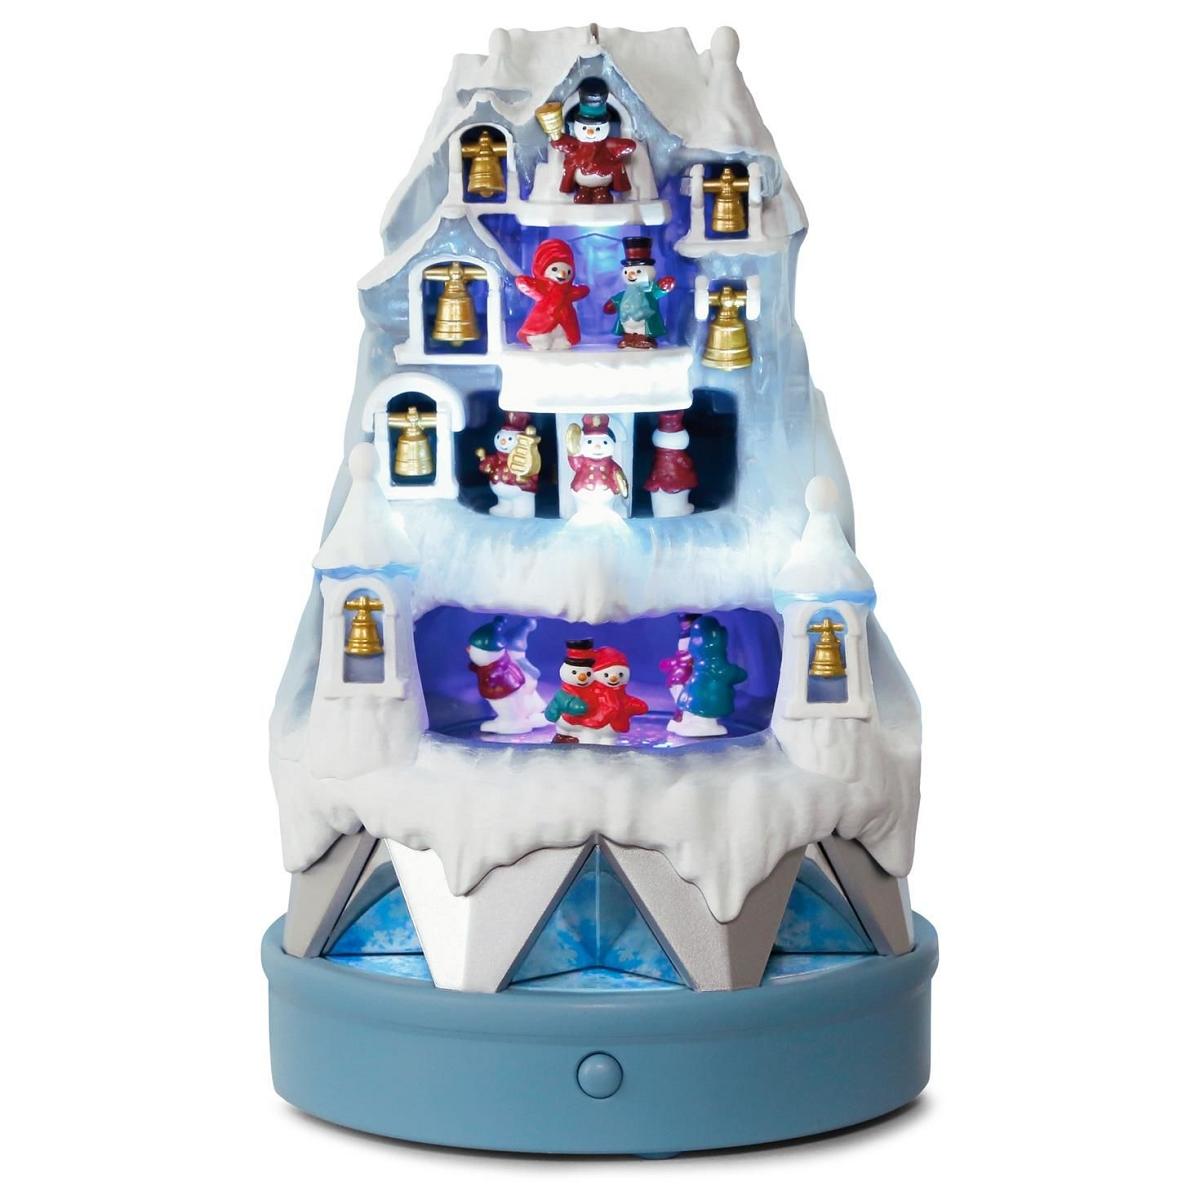 Hallmark Christmas Ornaments For Sale